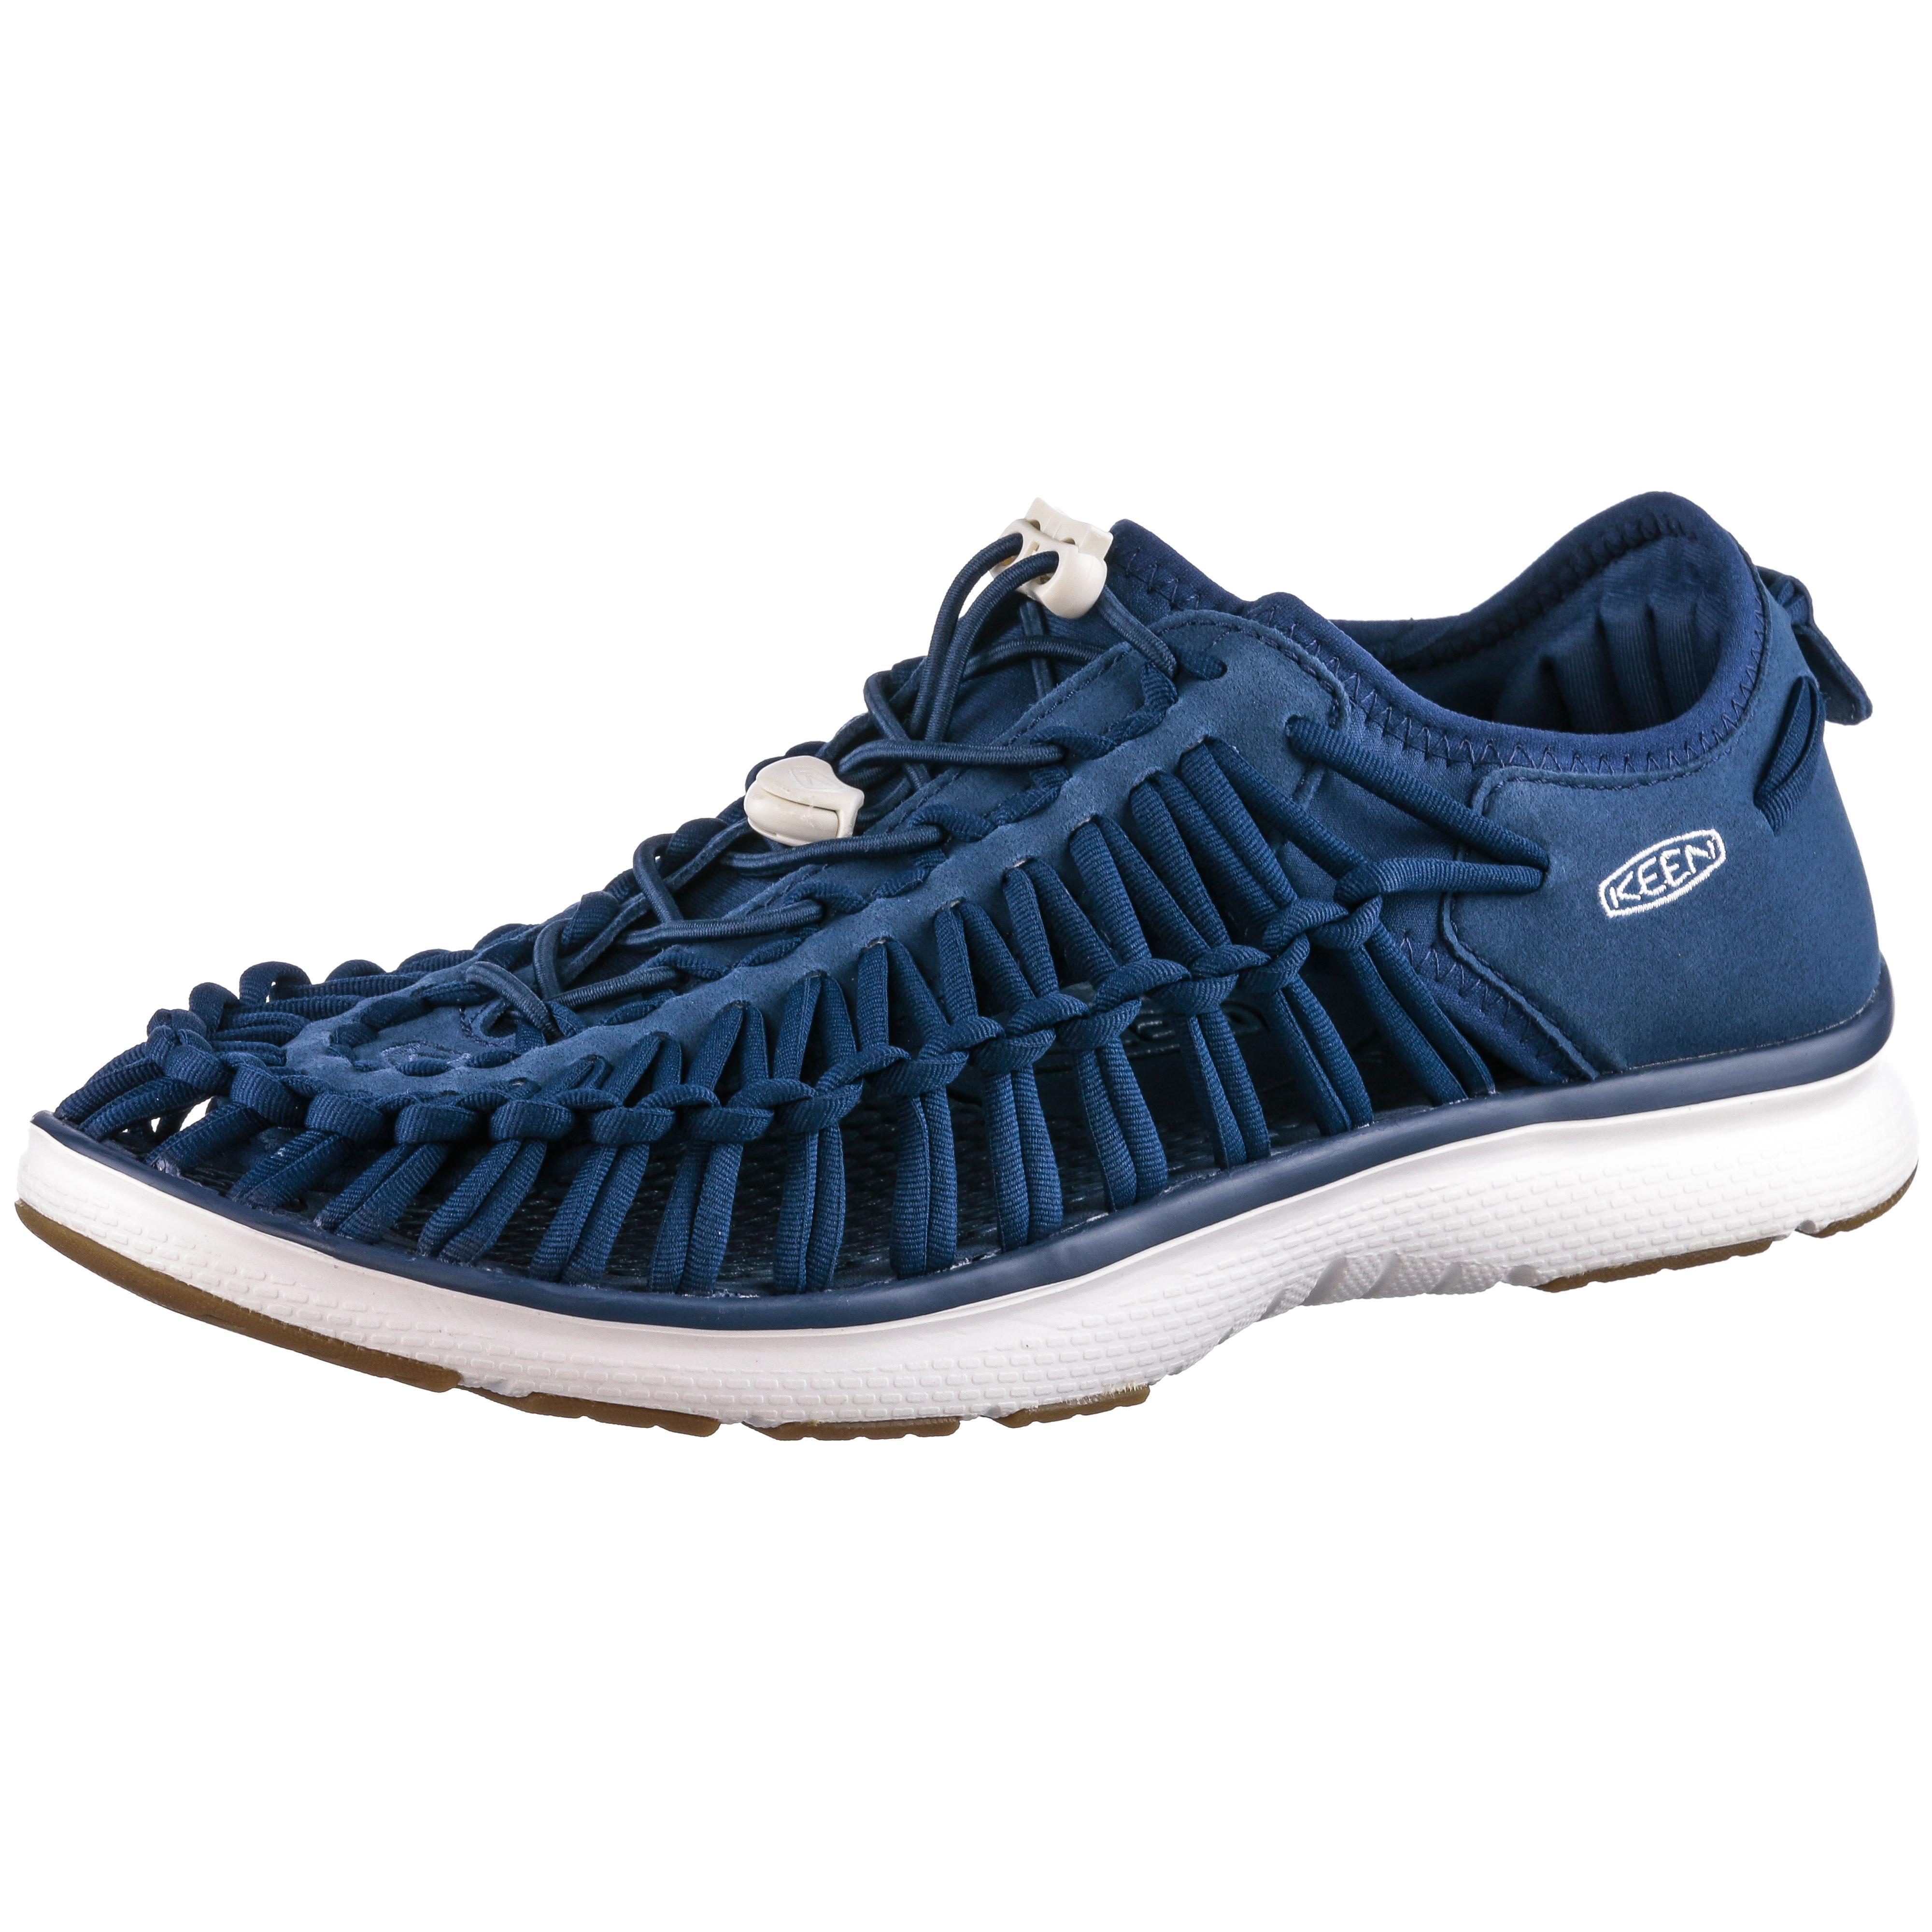 atShop24 Schuhe Günstig Shop24 Über Kaufen Online WHYEID92